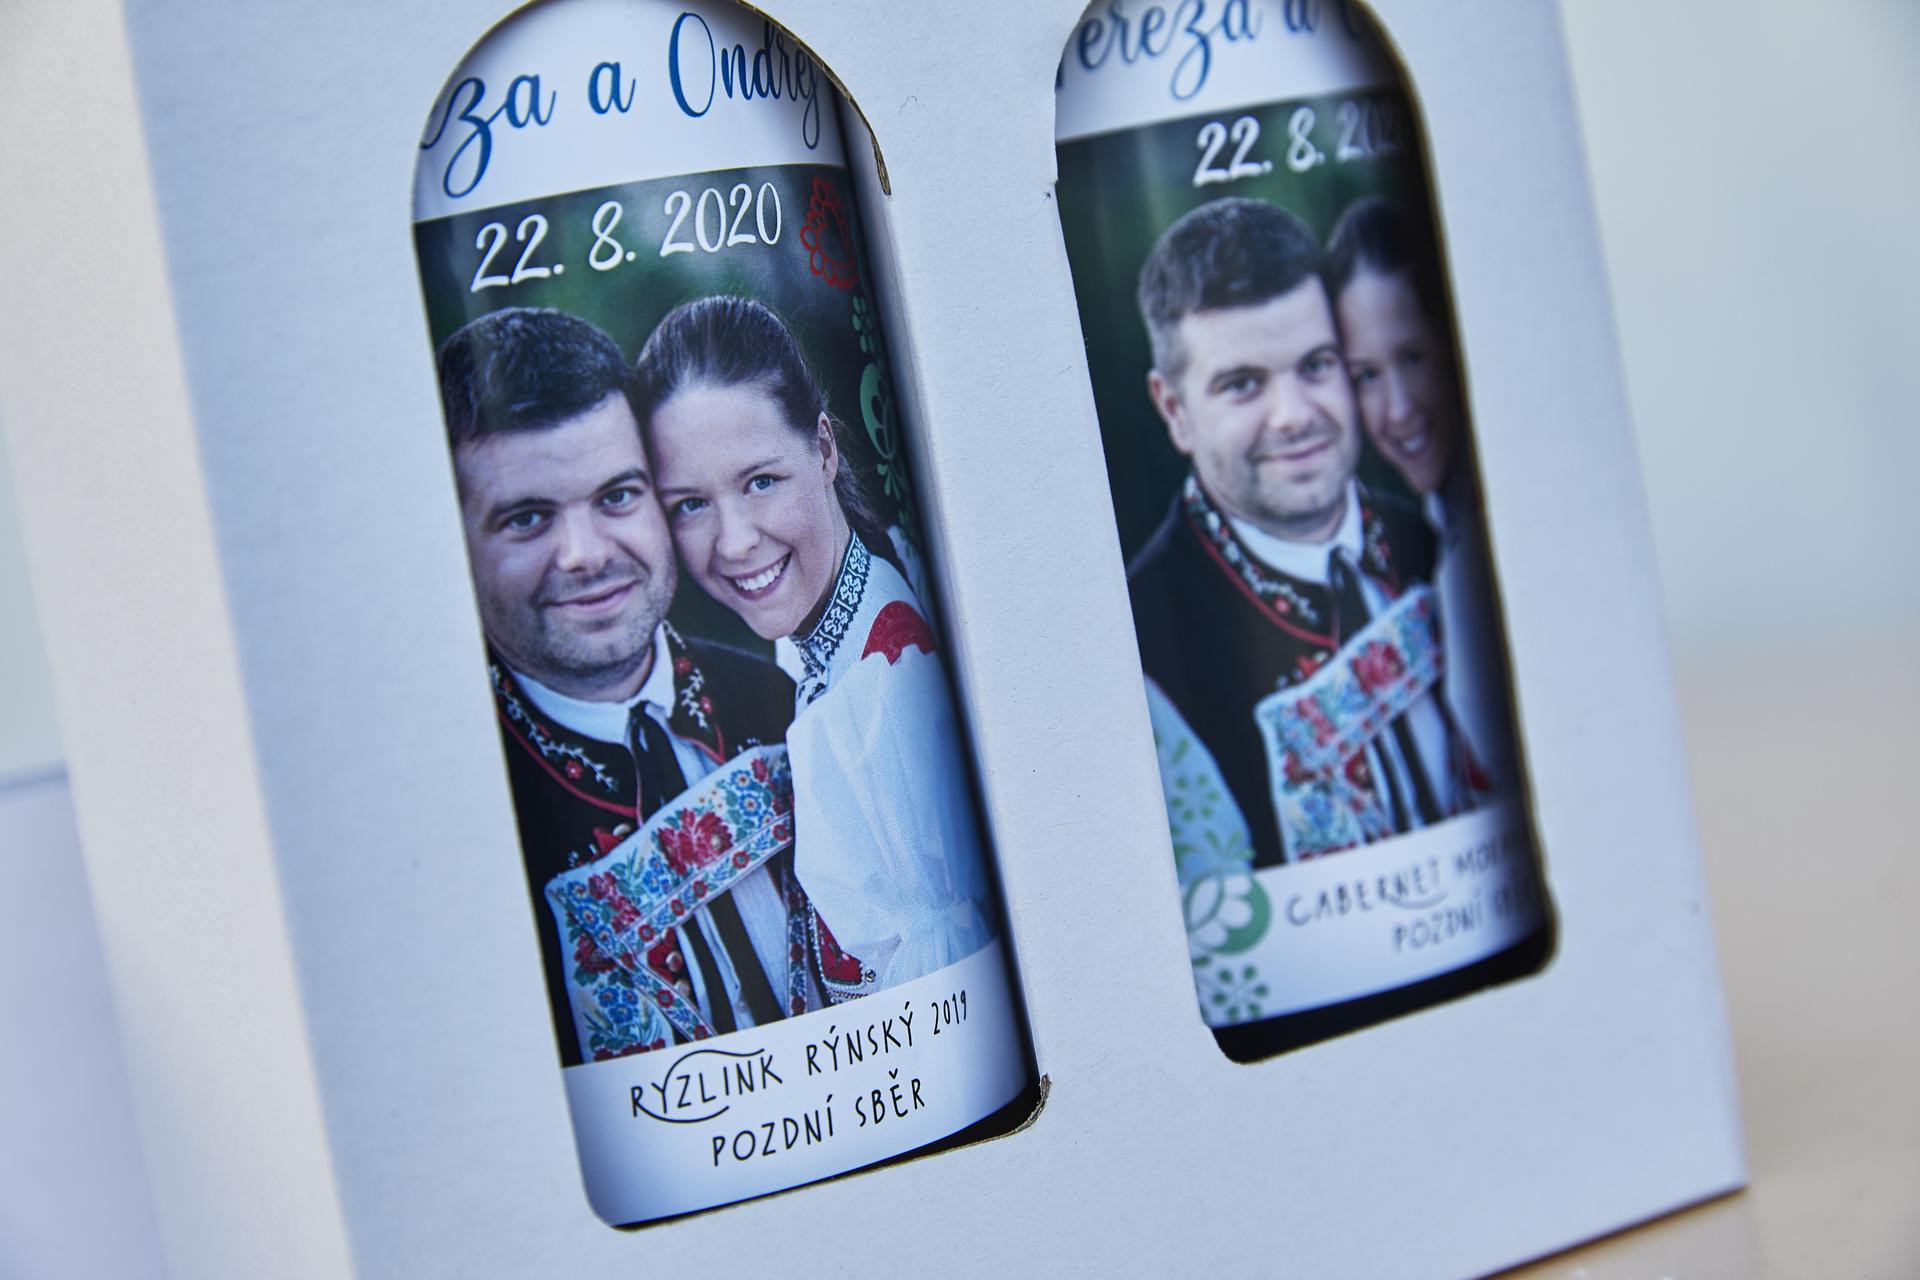 Naše slovácká svatba - Svatební vína pro hosty :)